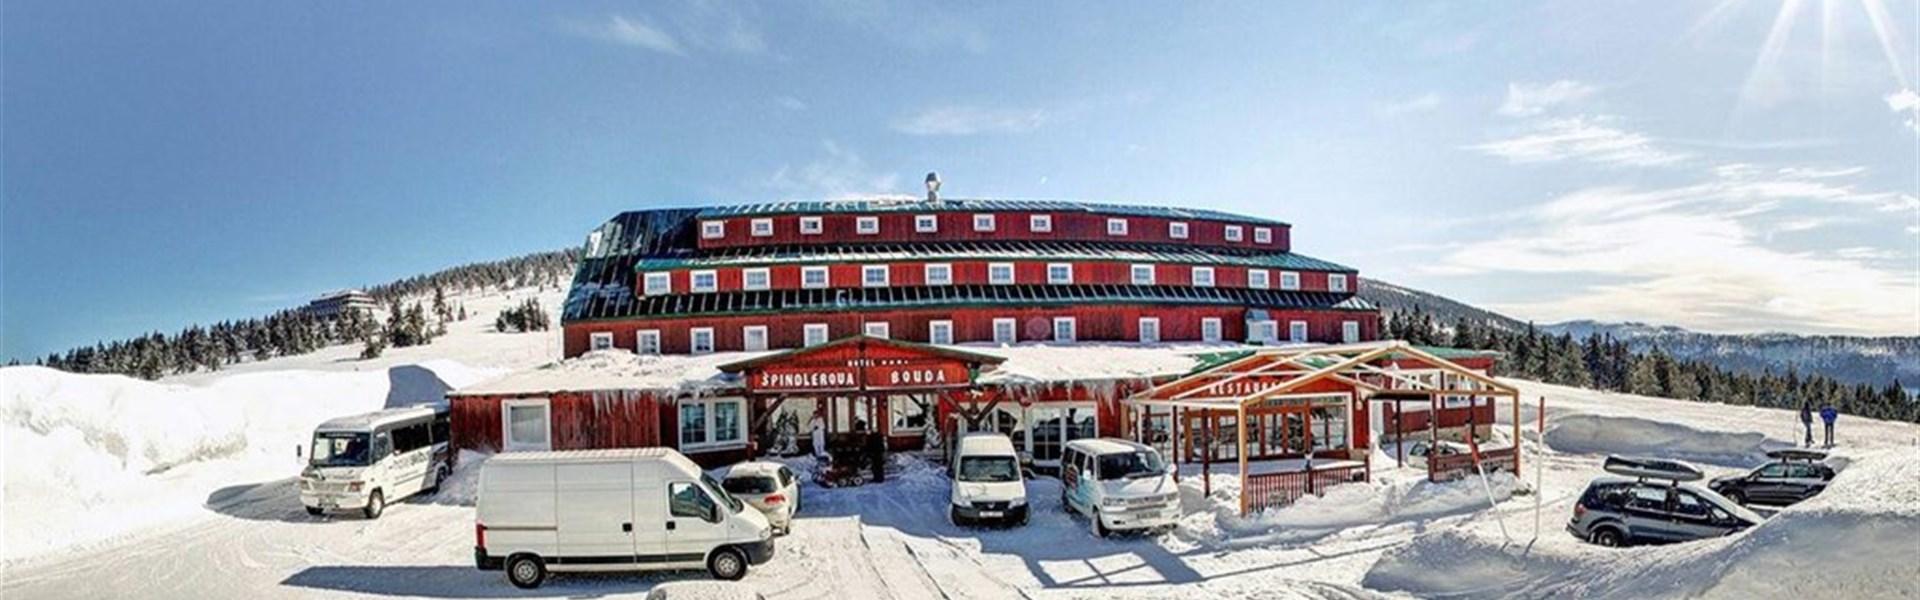 Hotel Špindlerova Bouda - zima -